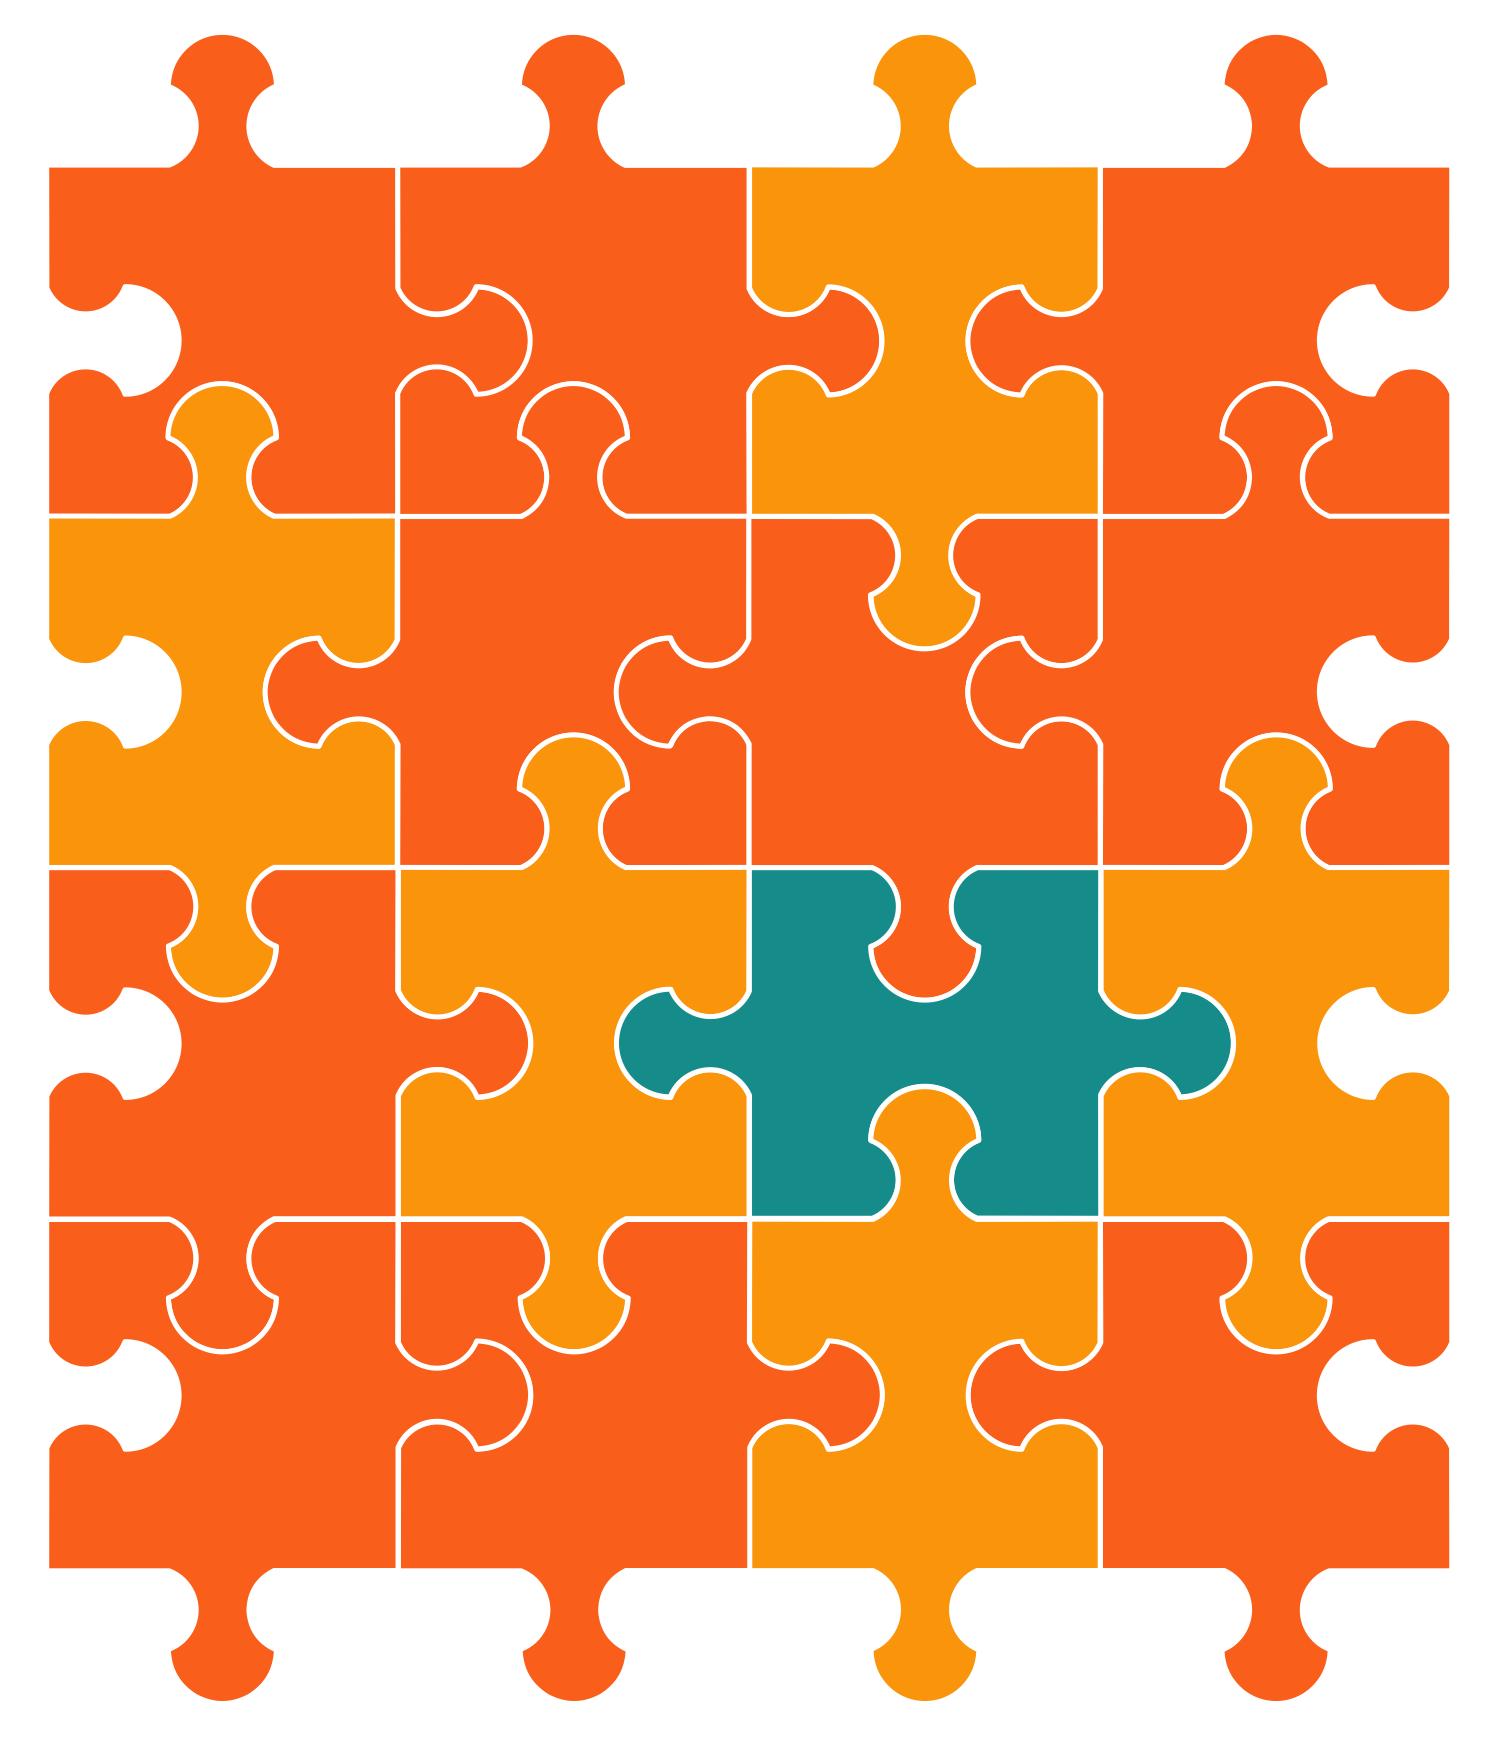 Puzzle Piece Diagram Alternating Sign Matrix